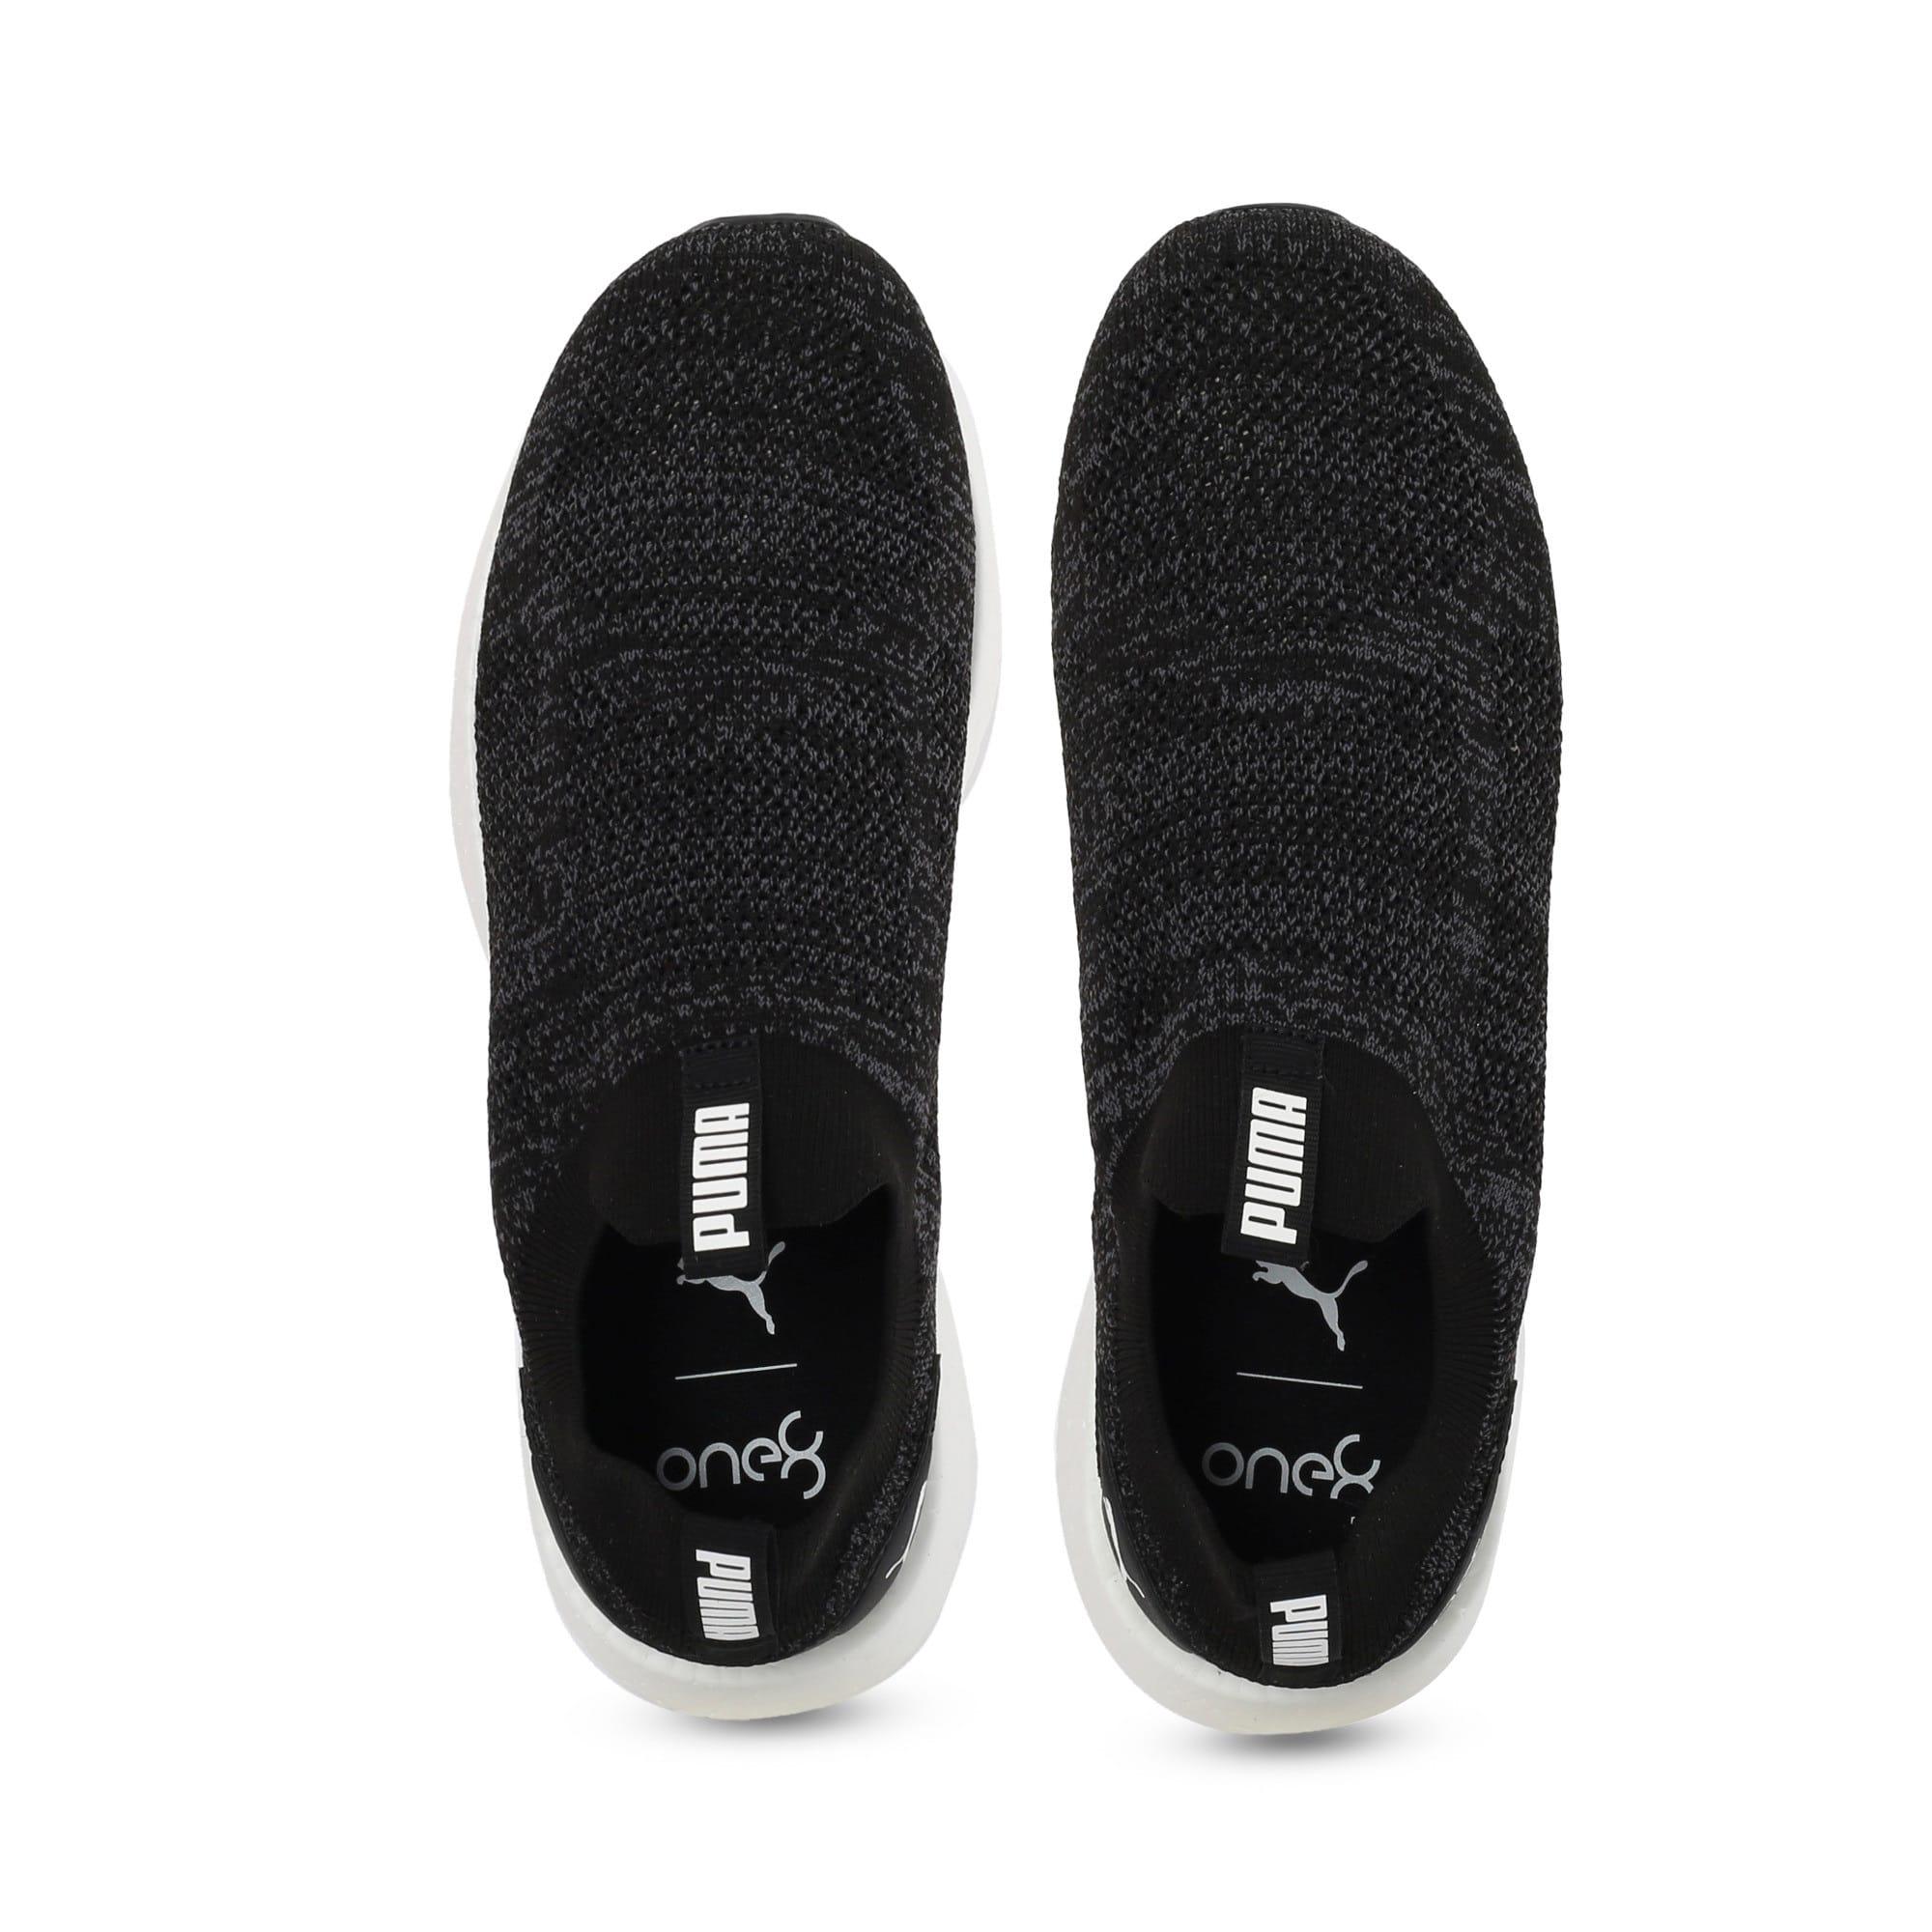 Thumbnail 6 of NRGY Neko Slip-On one8 Unisex Running Shoes, Puma Black-Puma White, medium-IND